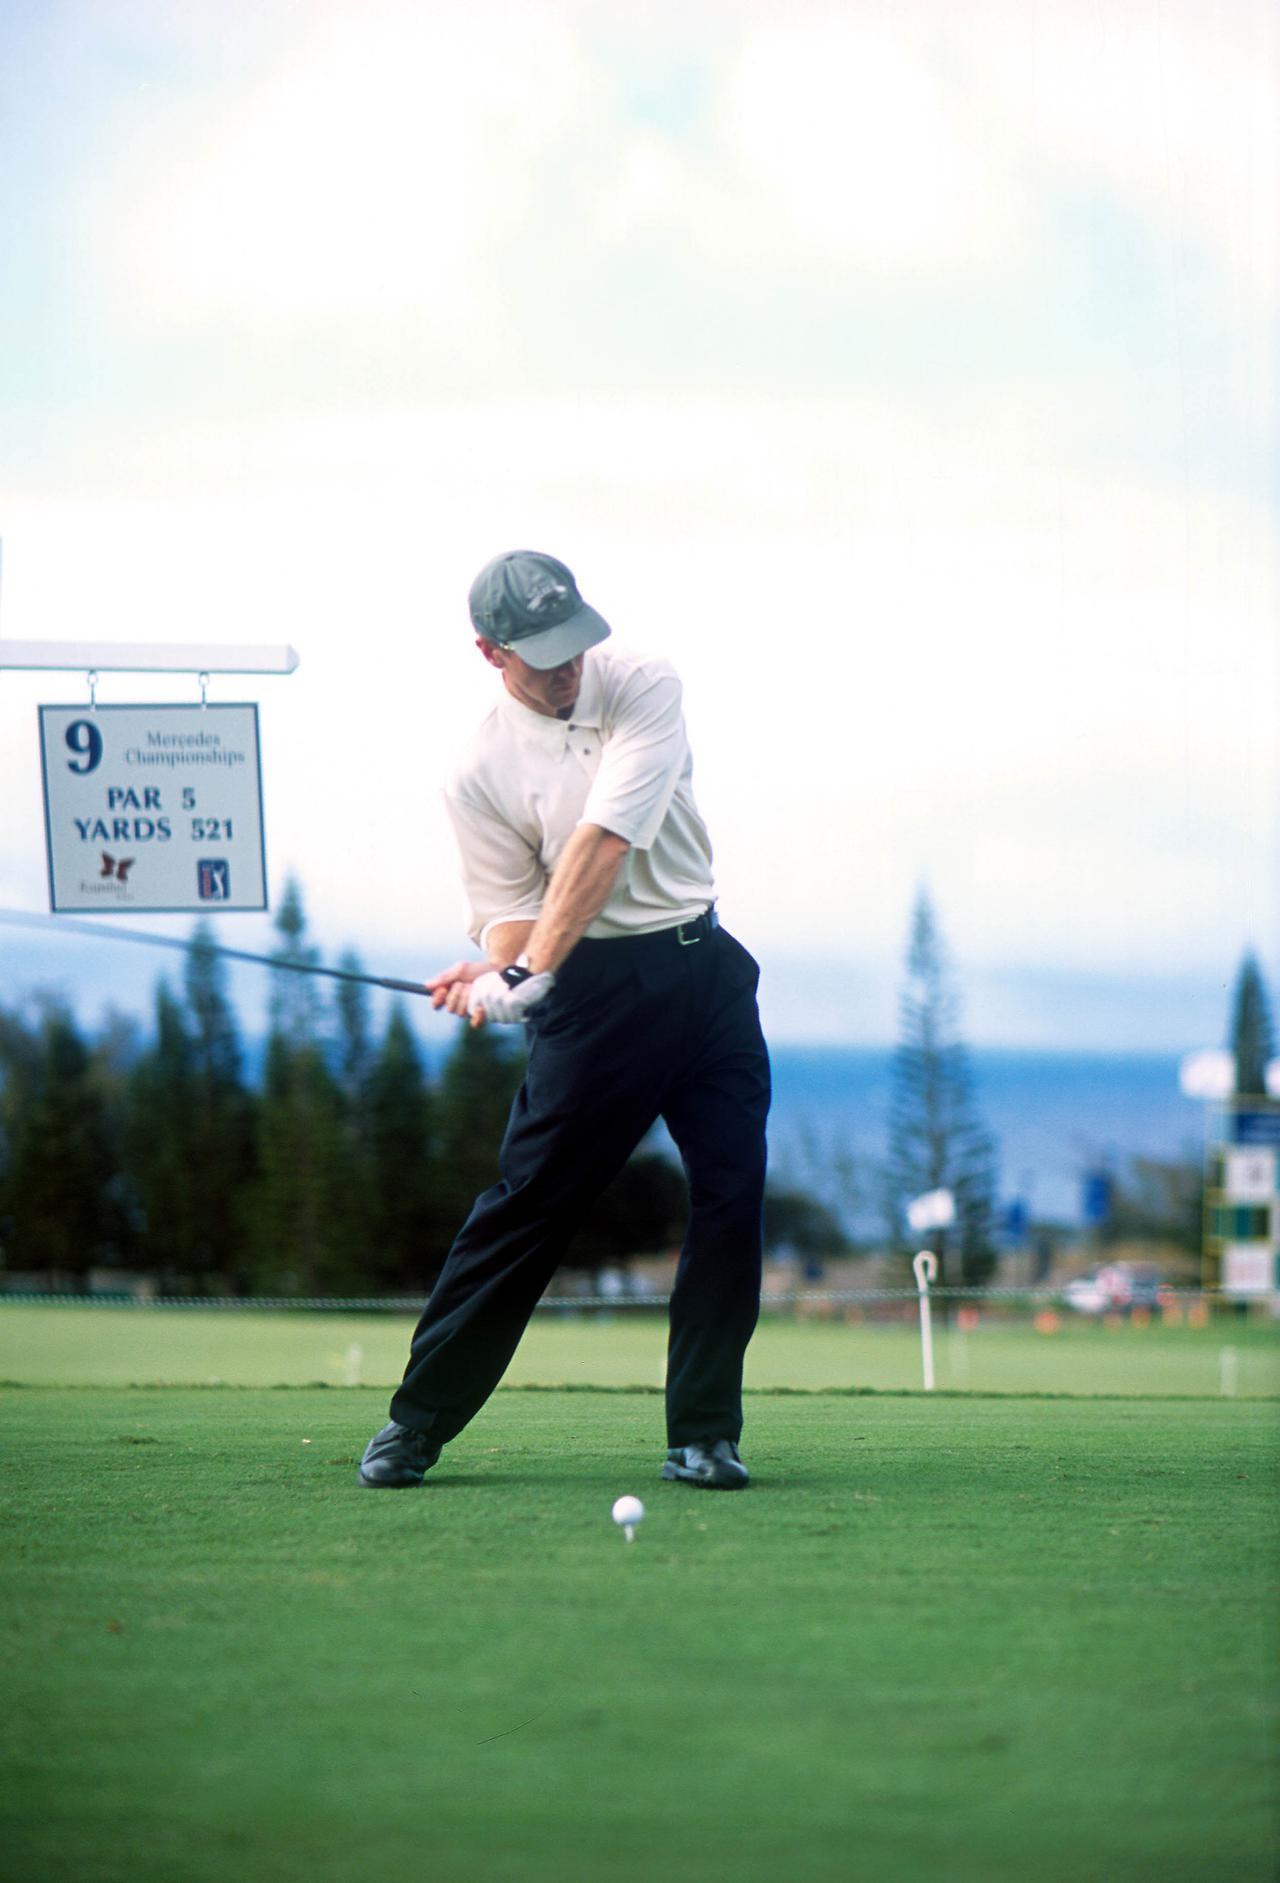 Images : 7番目の画像 - デビッド・デュバル ドライバー正面連続写真 - みんなのゴルフダイジェスト